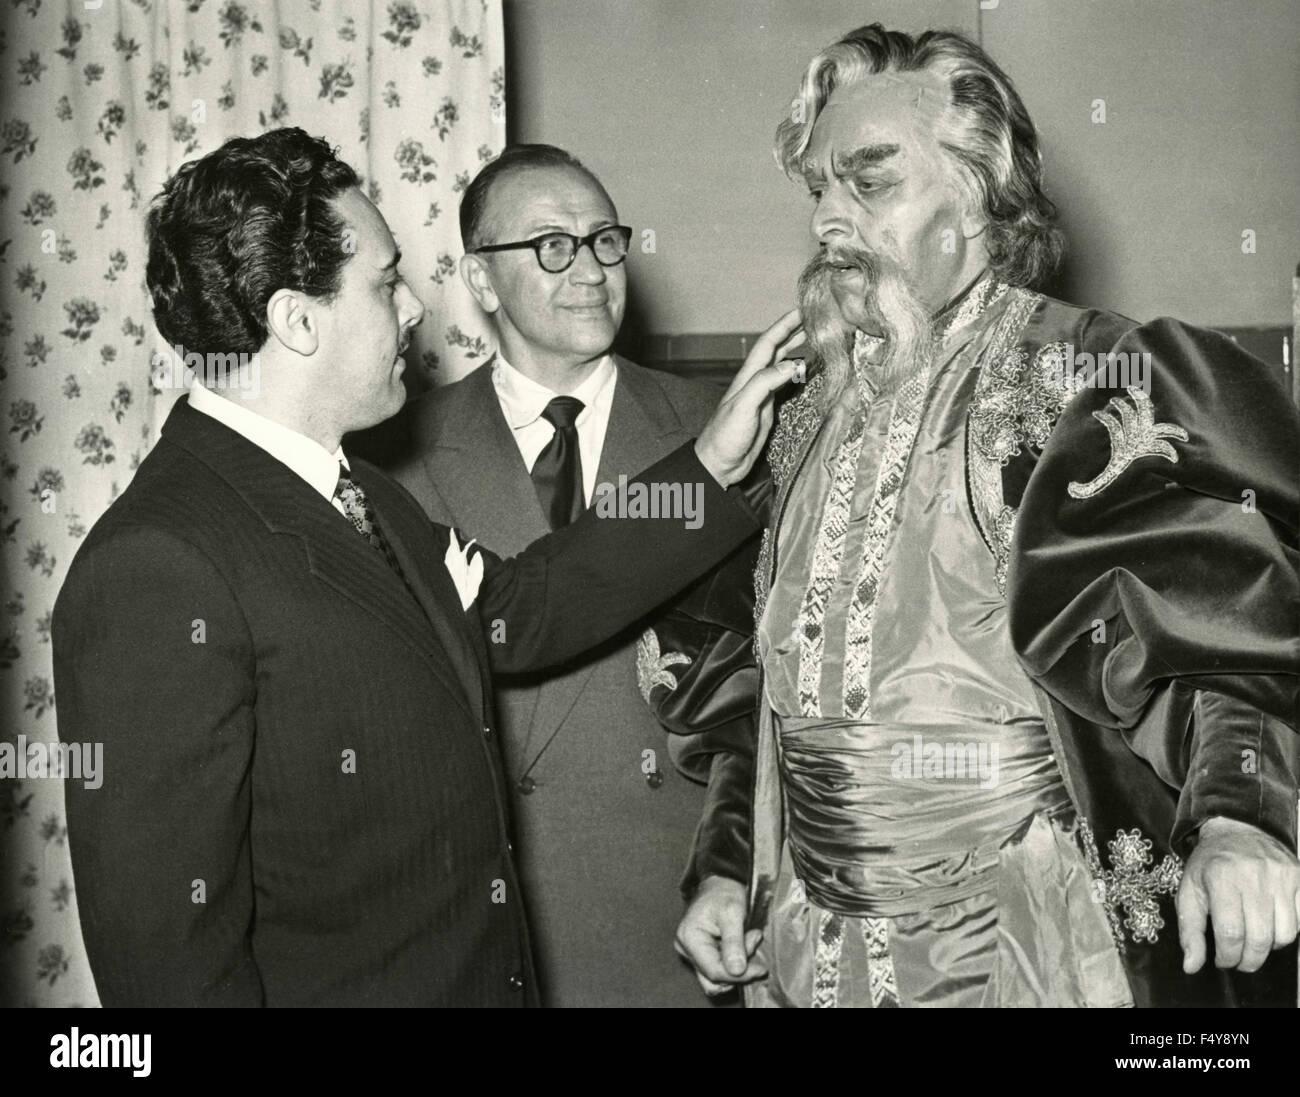 The choreographer Boris Kniaseff, including the tenor Mario del Monaco and low Boris Christoff, who starred in 'Mazeppa' - Stock Image